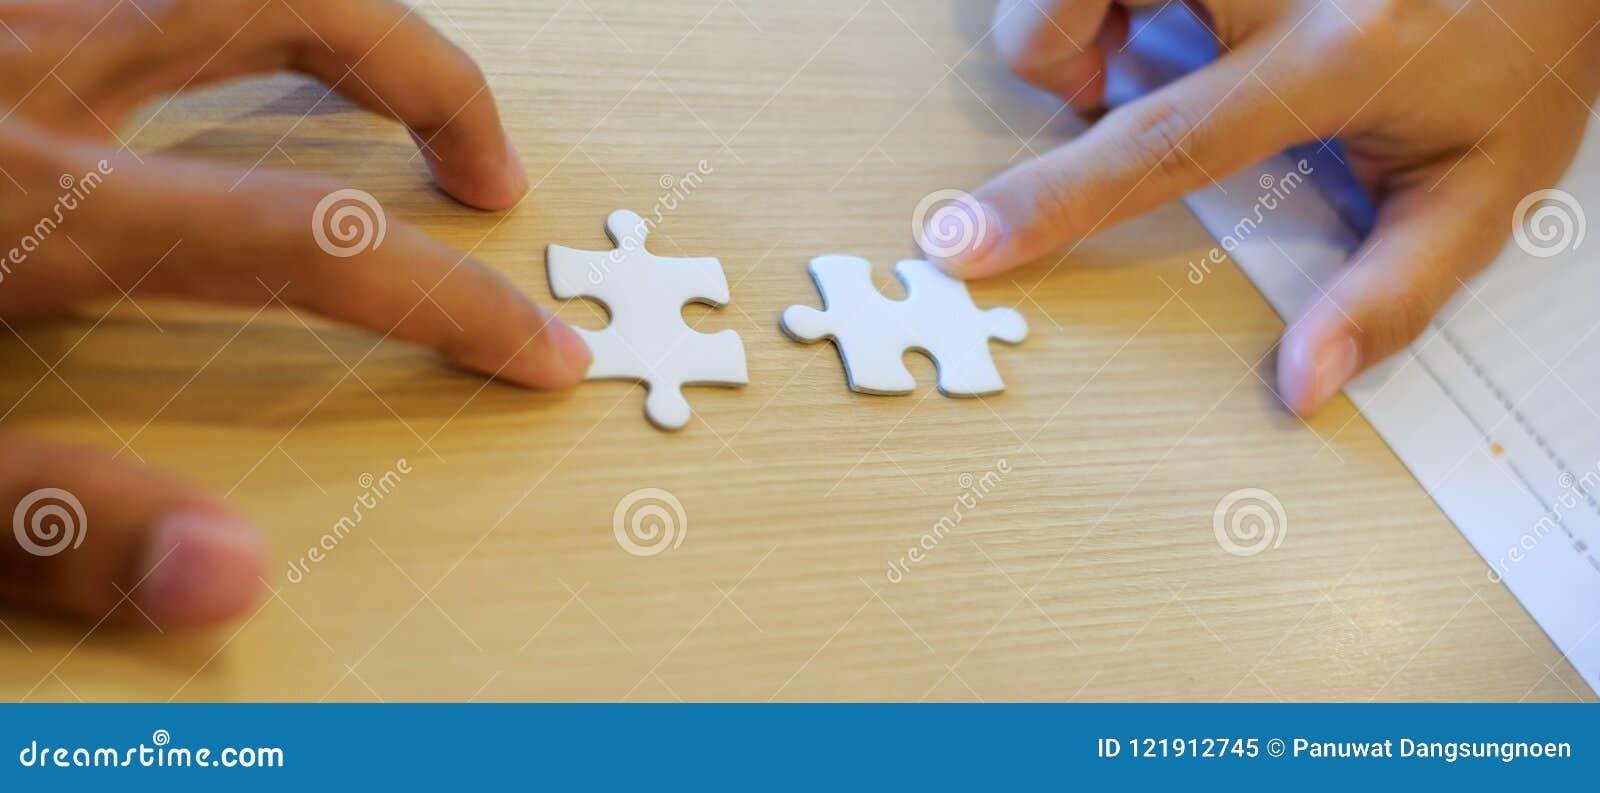 Pedazo de conexión del rompecabezas de los pares de la mano Trabajo en equipo, sociedad, acertada